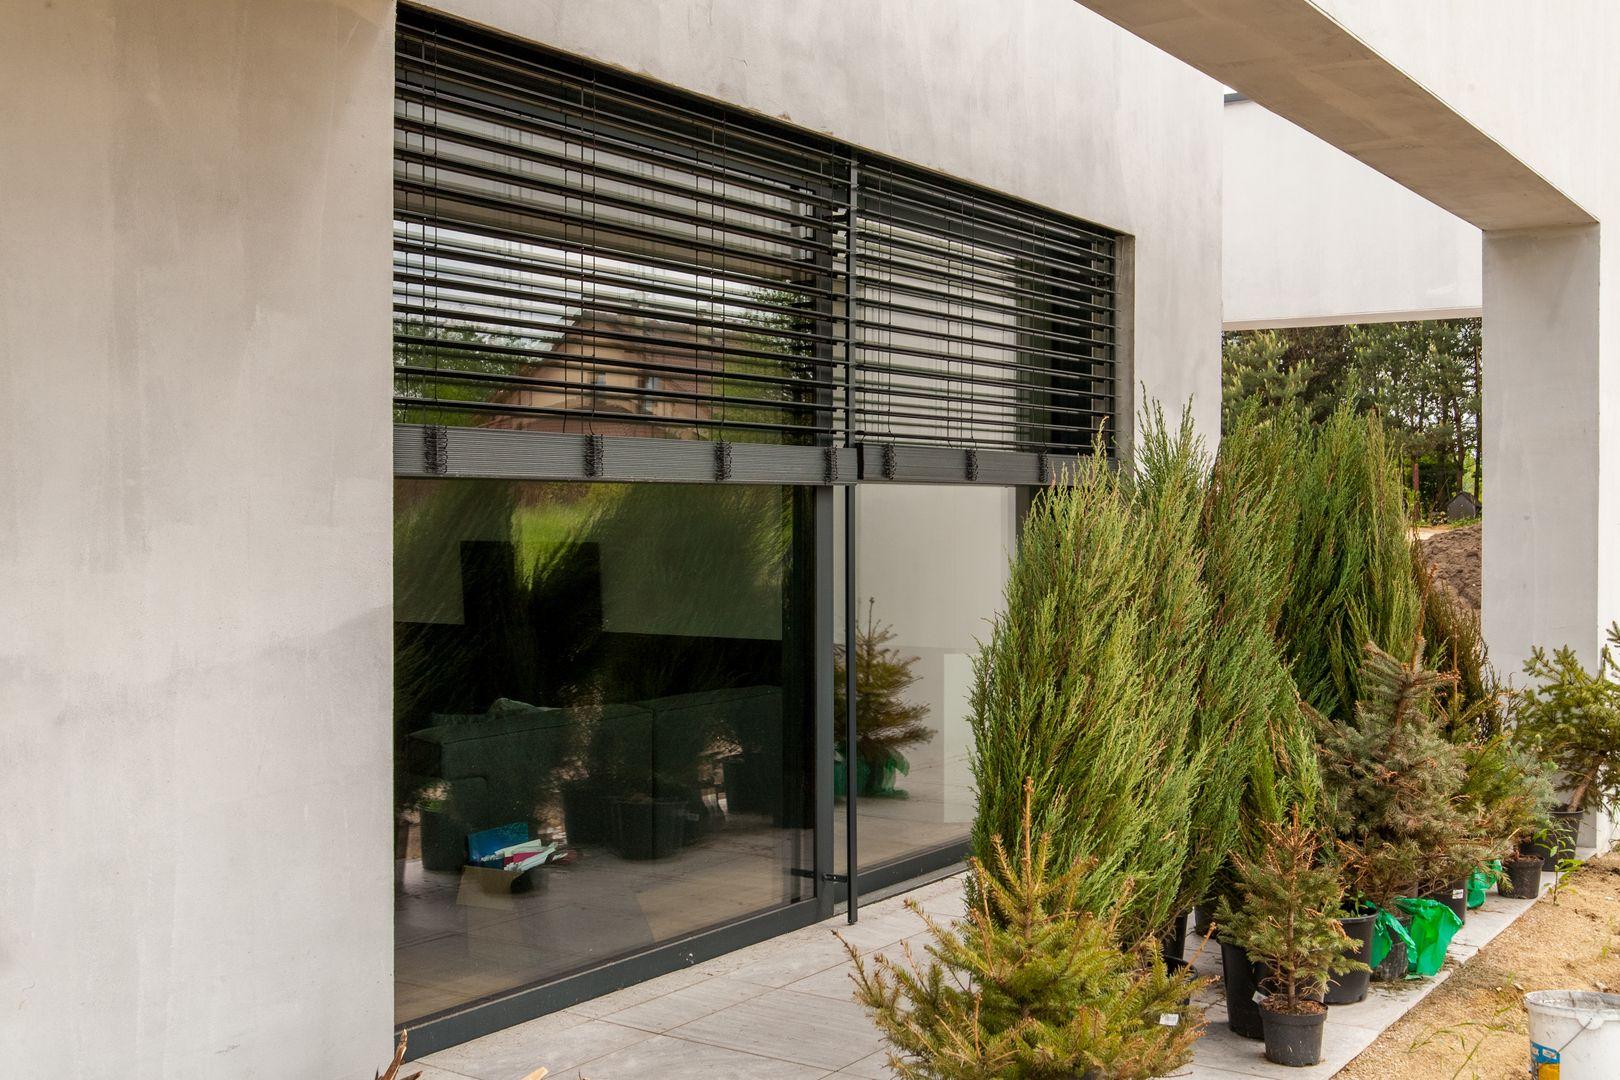 aluminiowe drzwi balkonowe żaluzje oknowent.eu producent stolarki aluminiowej